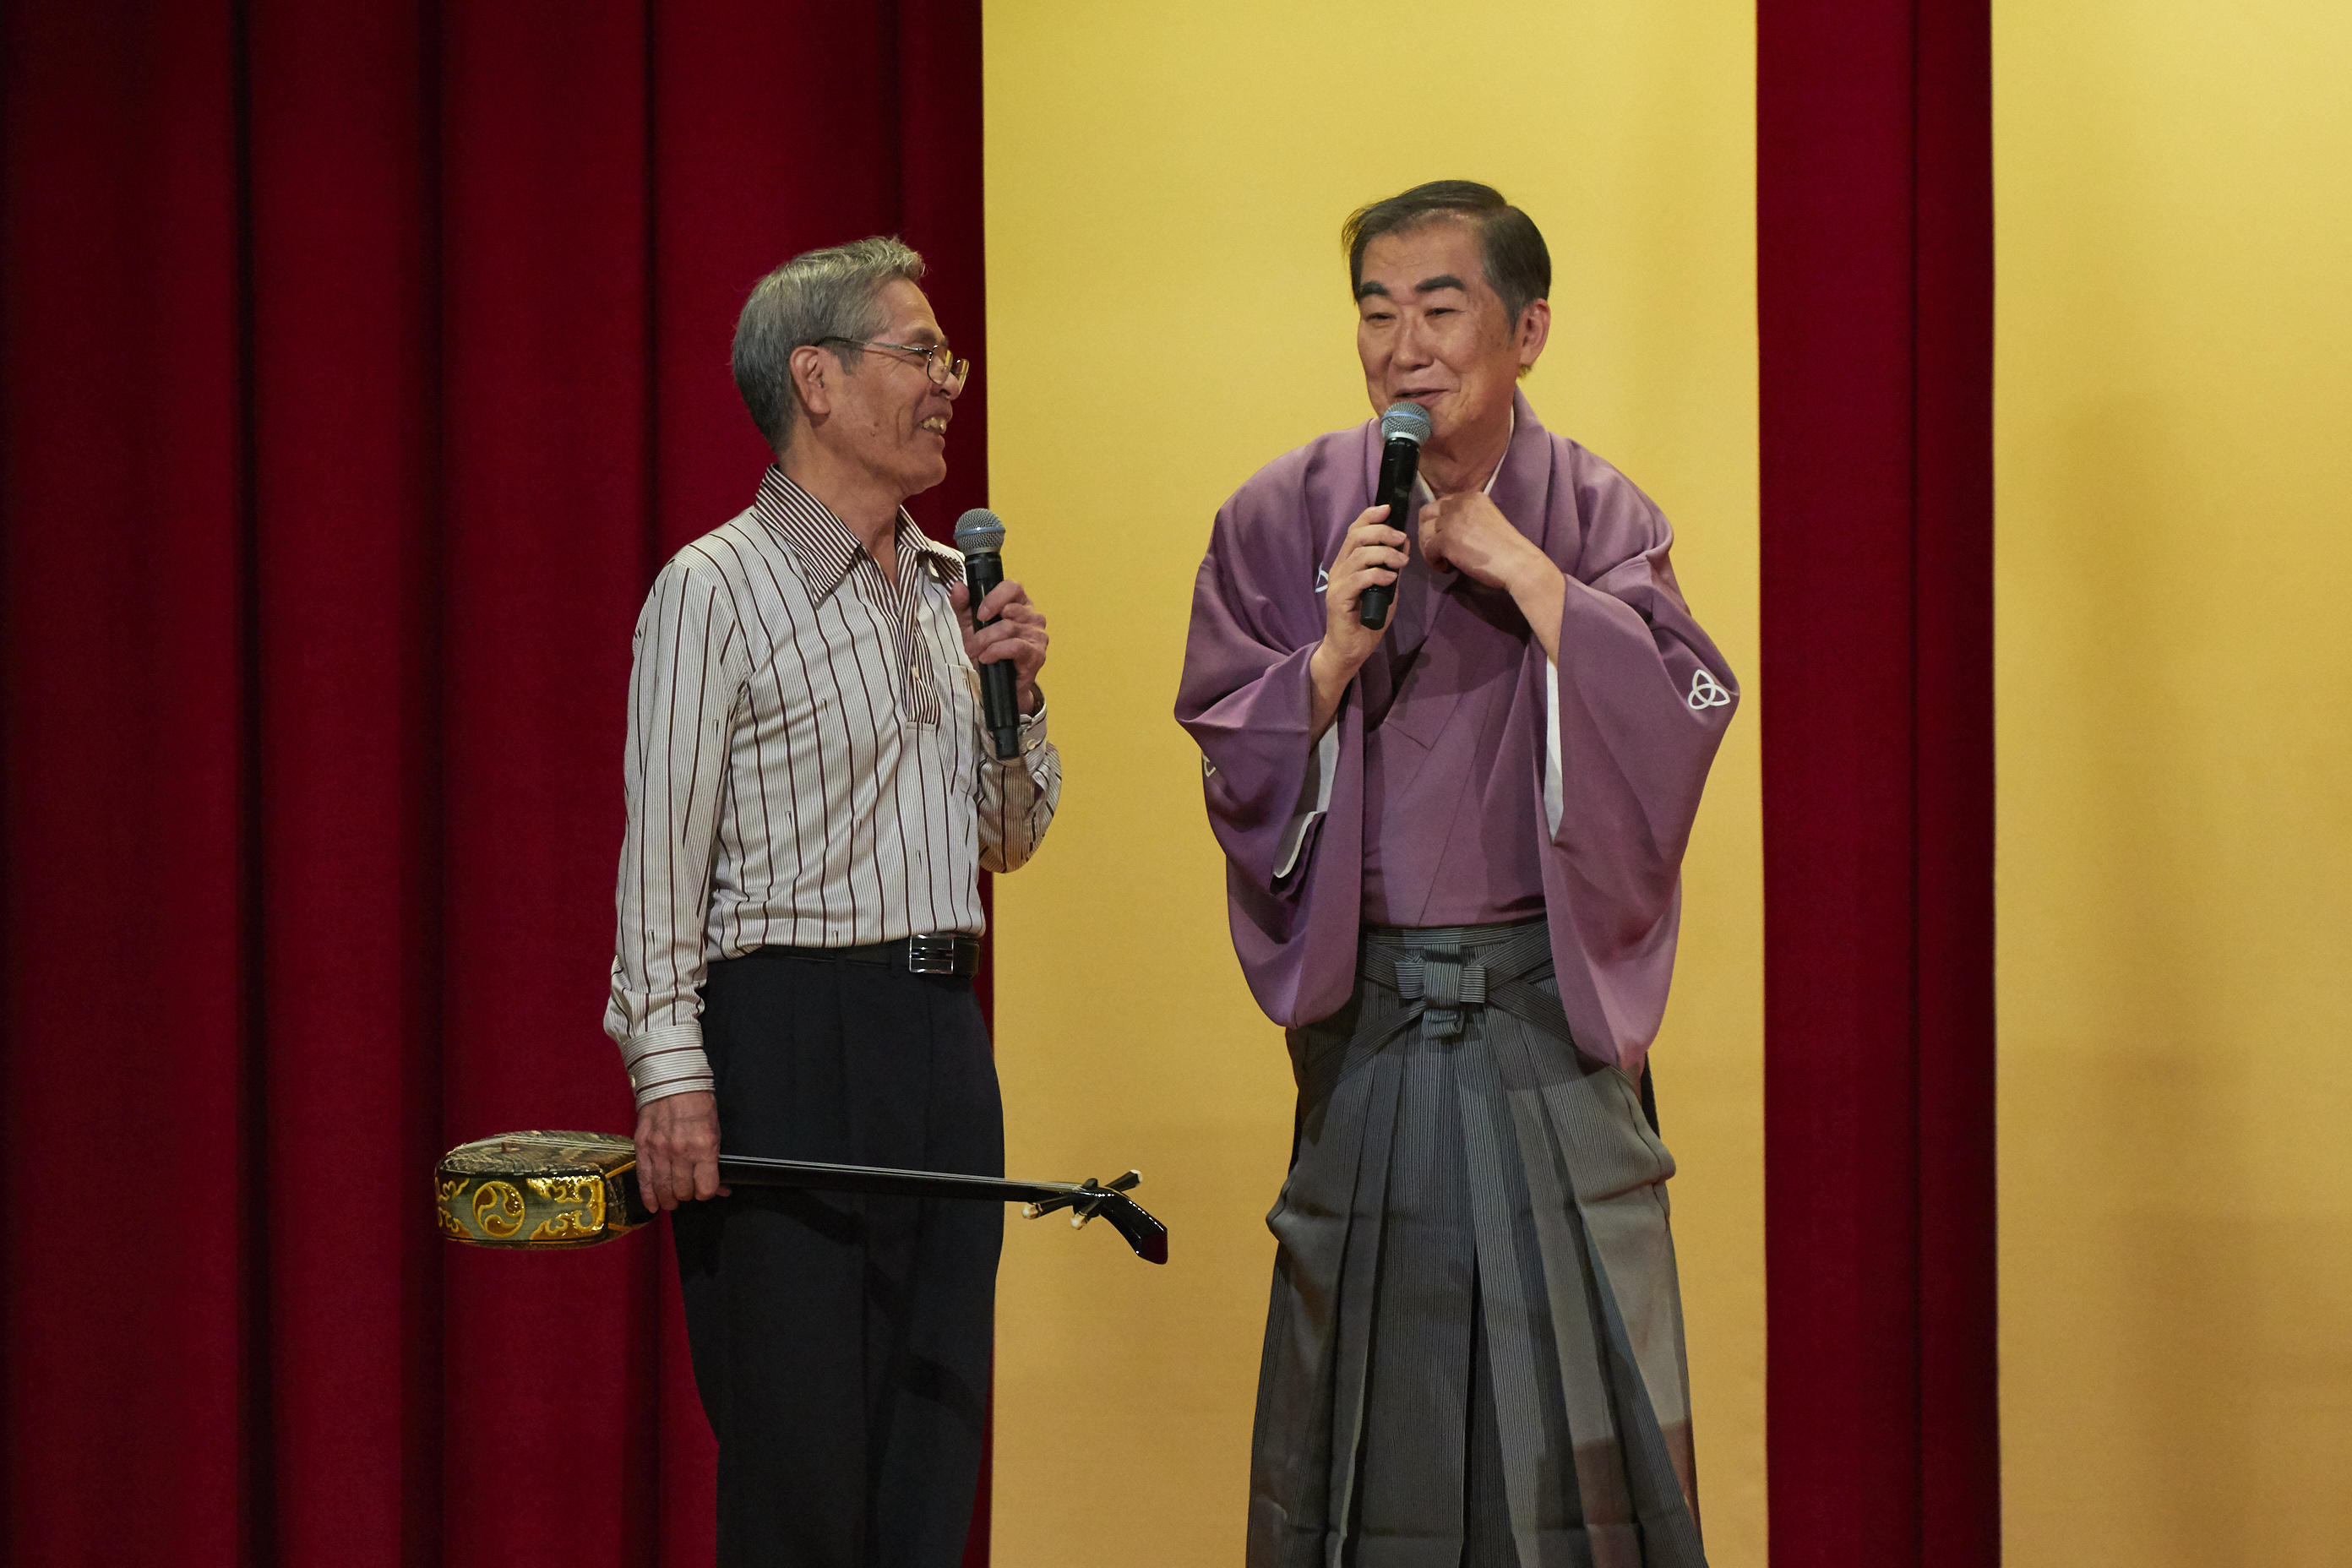 http://news.yoshimoto.co.jp/20180522022440-24afc21de6f747d479c8845a558b9216b4e8af30.jpg